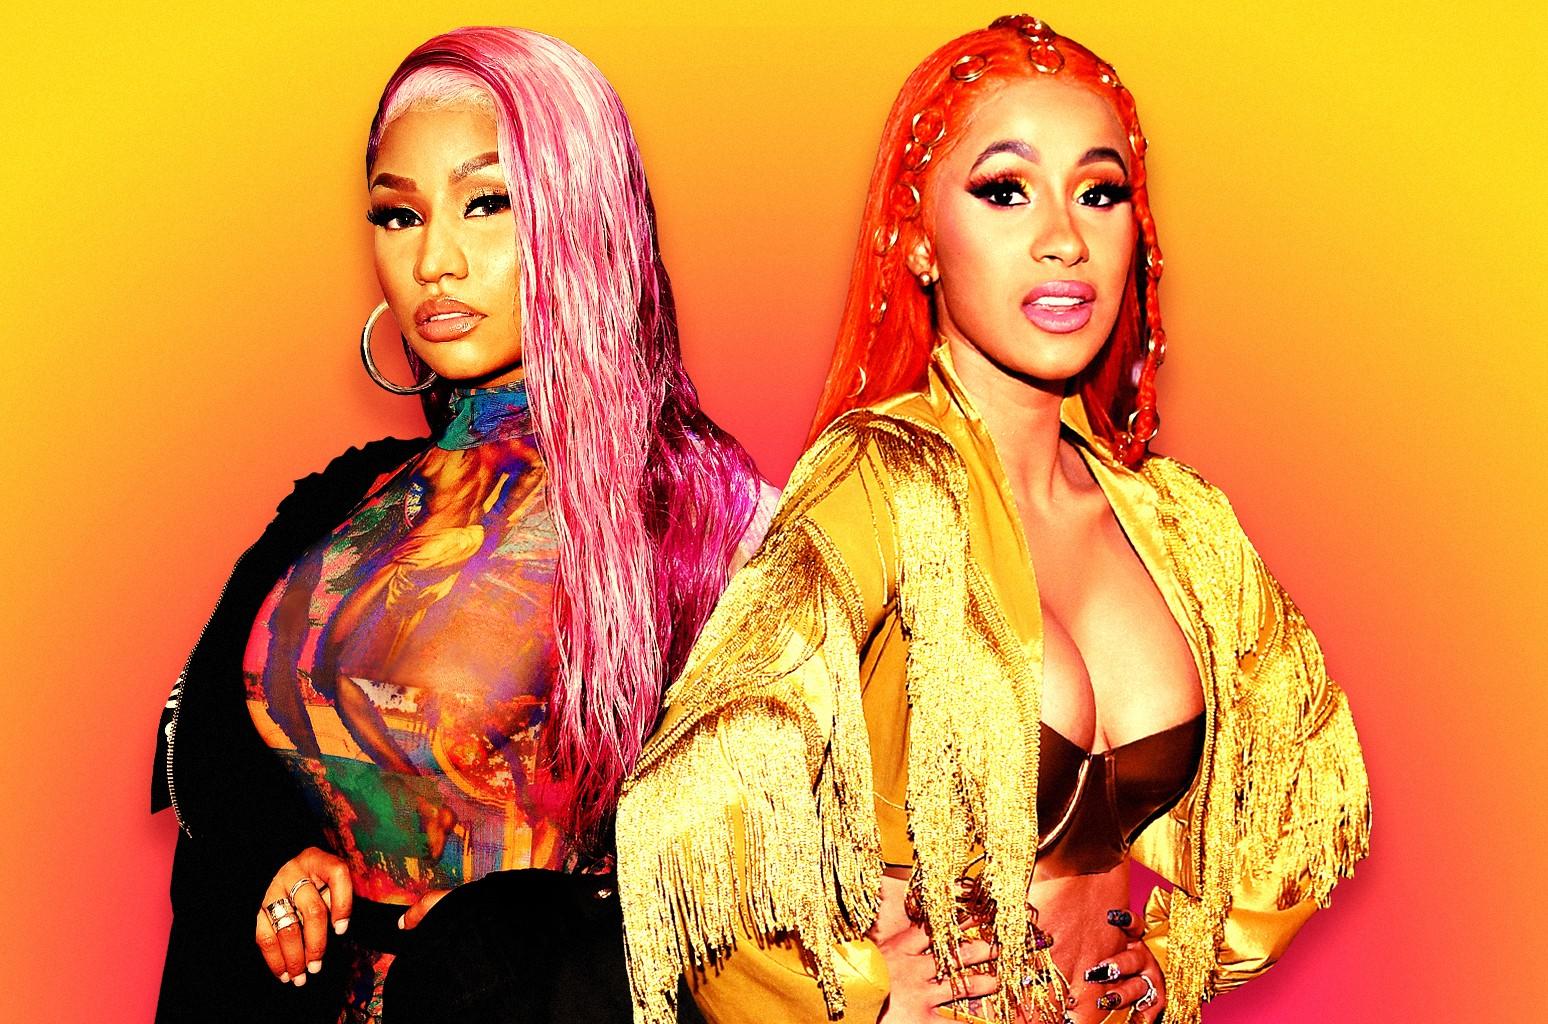 Nicki Minaj & Cardi B